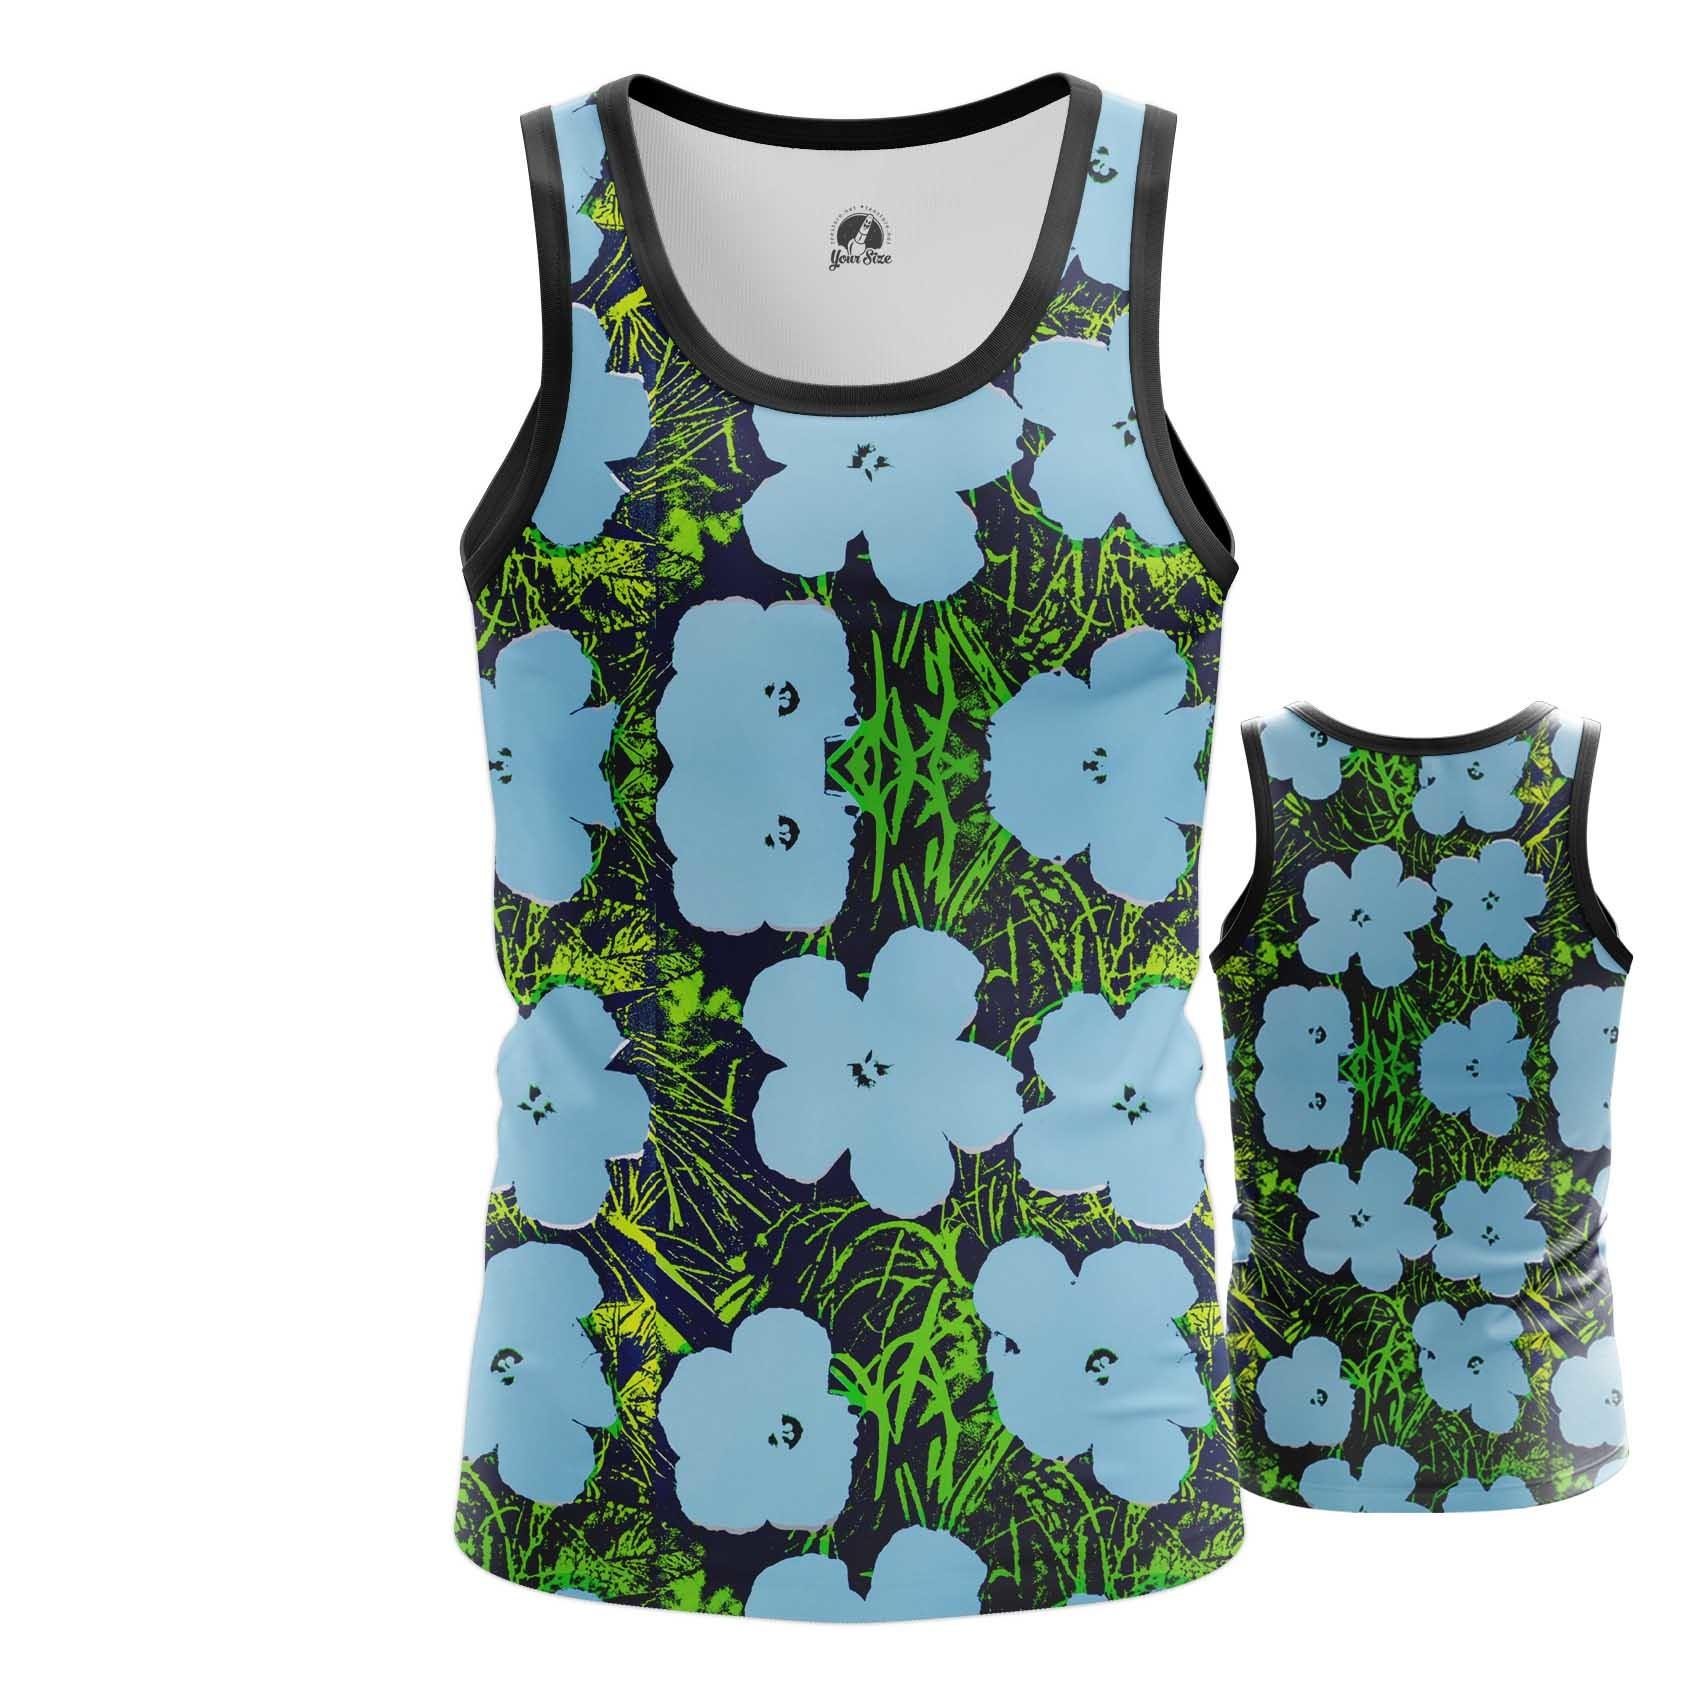 Merch T-Shirt Andy Warhol Flowers Artwork Art